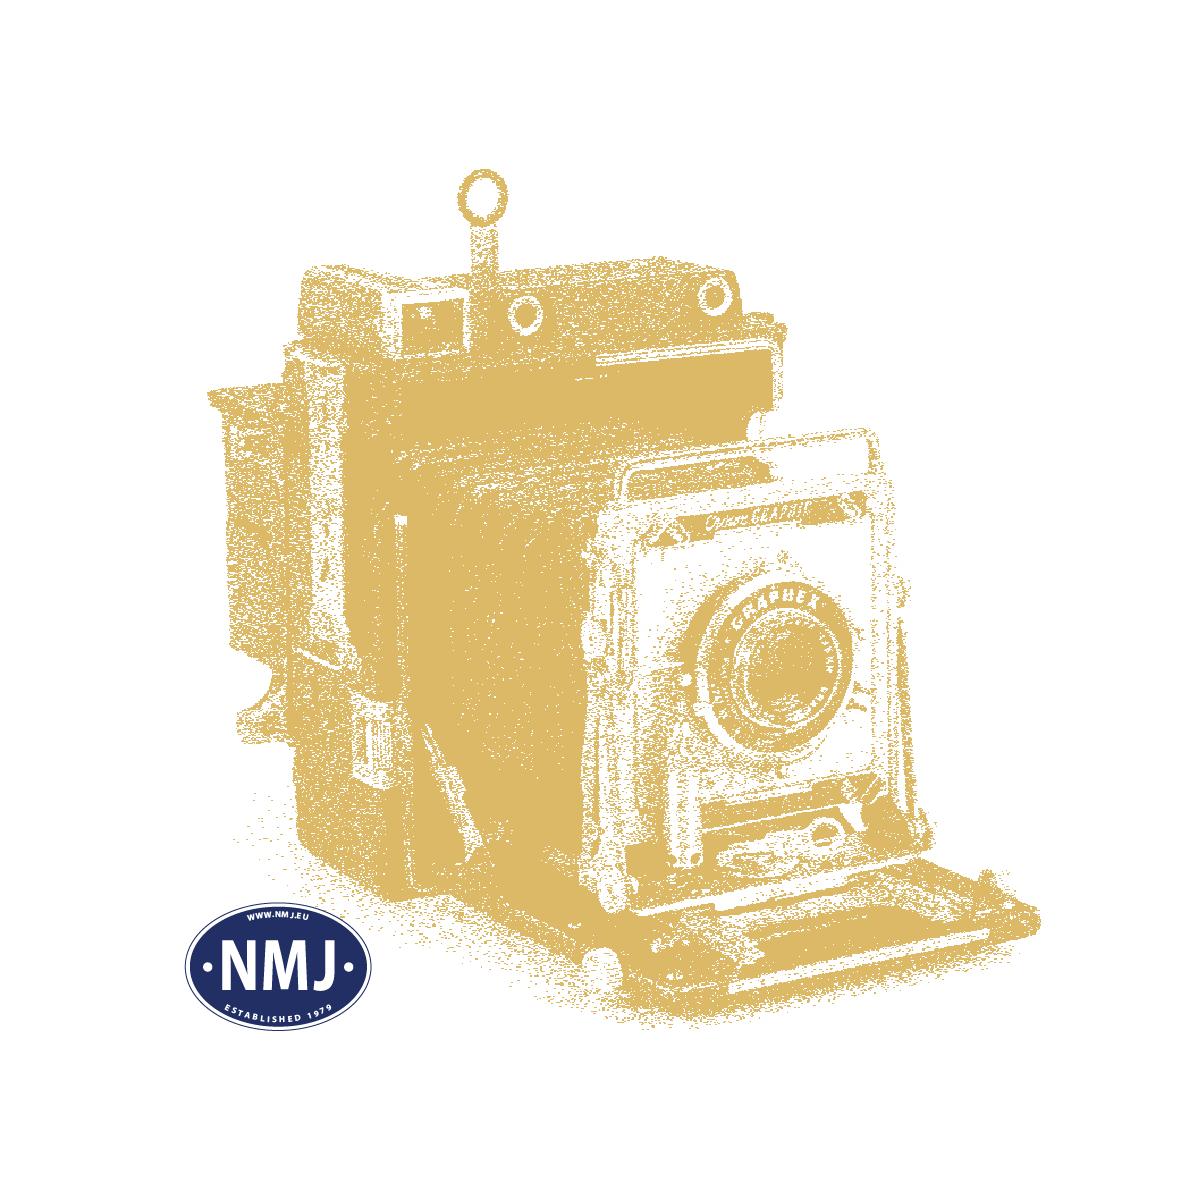 NMJT90017 - NMJ Topline NSB Di3a.605 New Design OL-Logo 1994, DCC w/ Sound